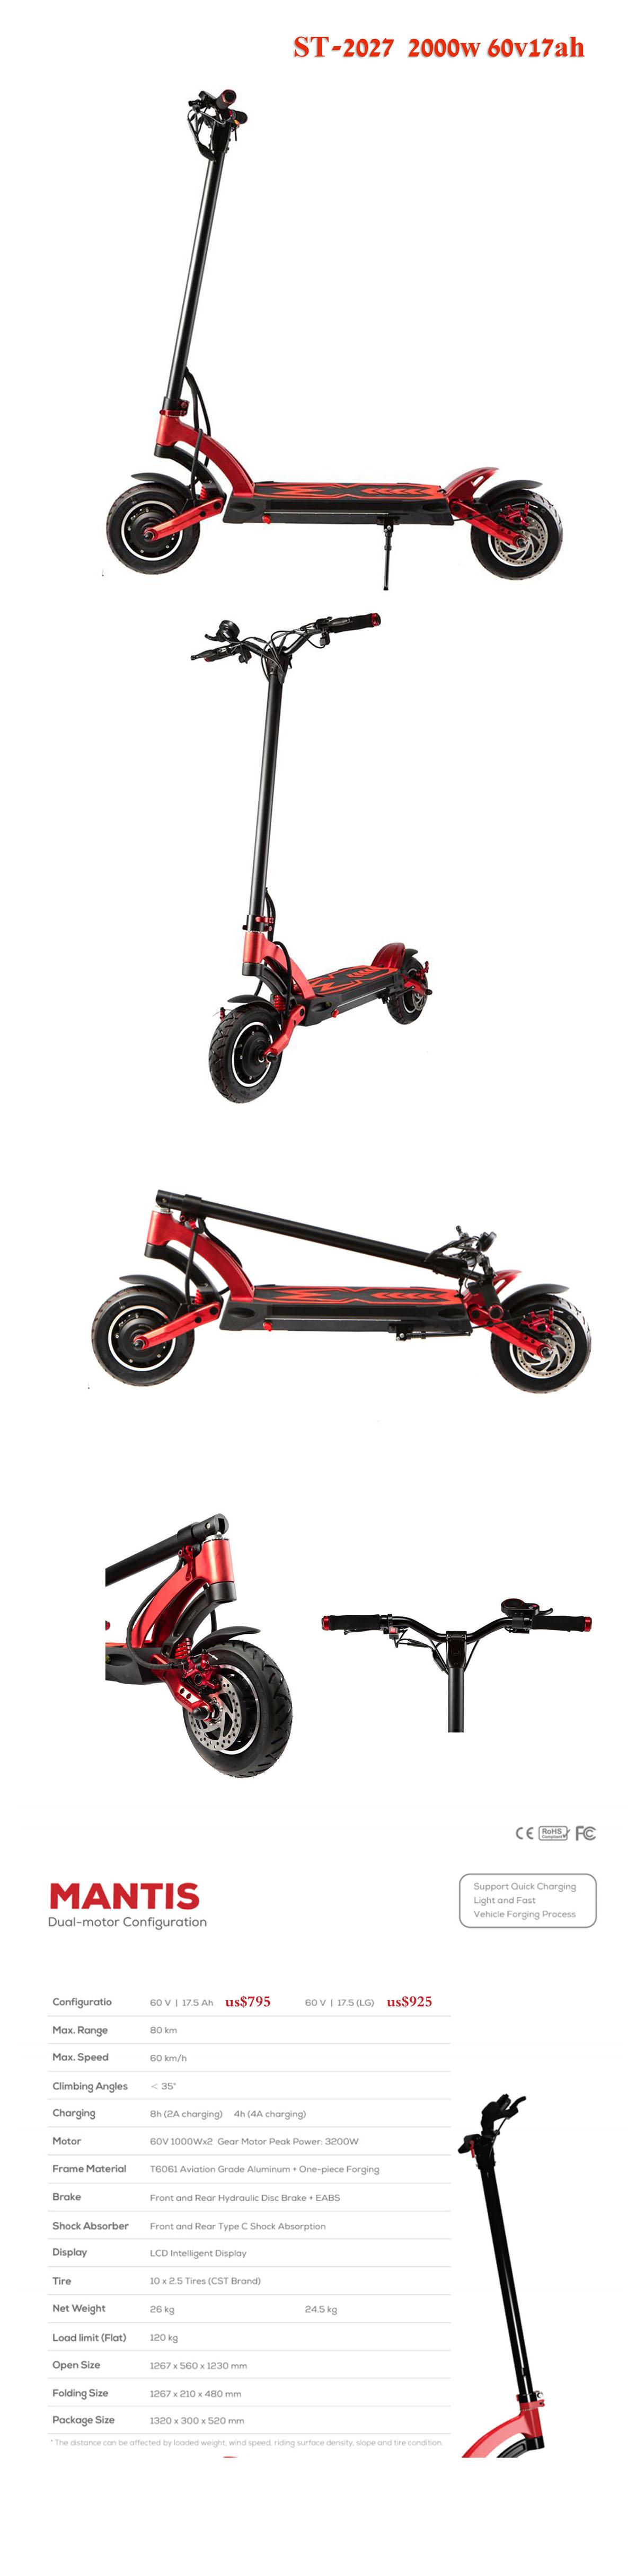 2019 ใหม่ล่าสุดพับได้ mini มอเตอร์ผู้ใหญ่ไฟฟ้าสกู๊ตเตอร์ bike scooter